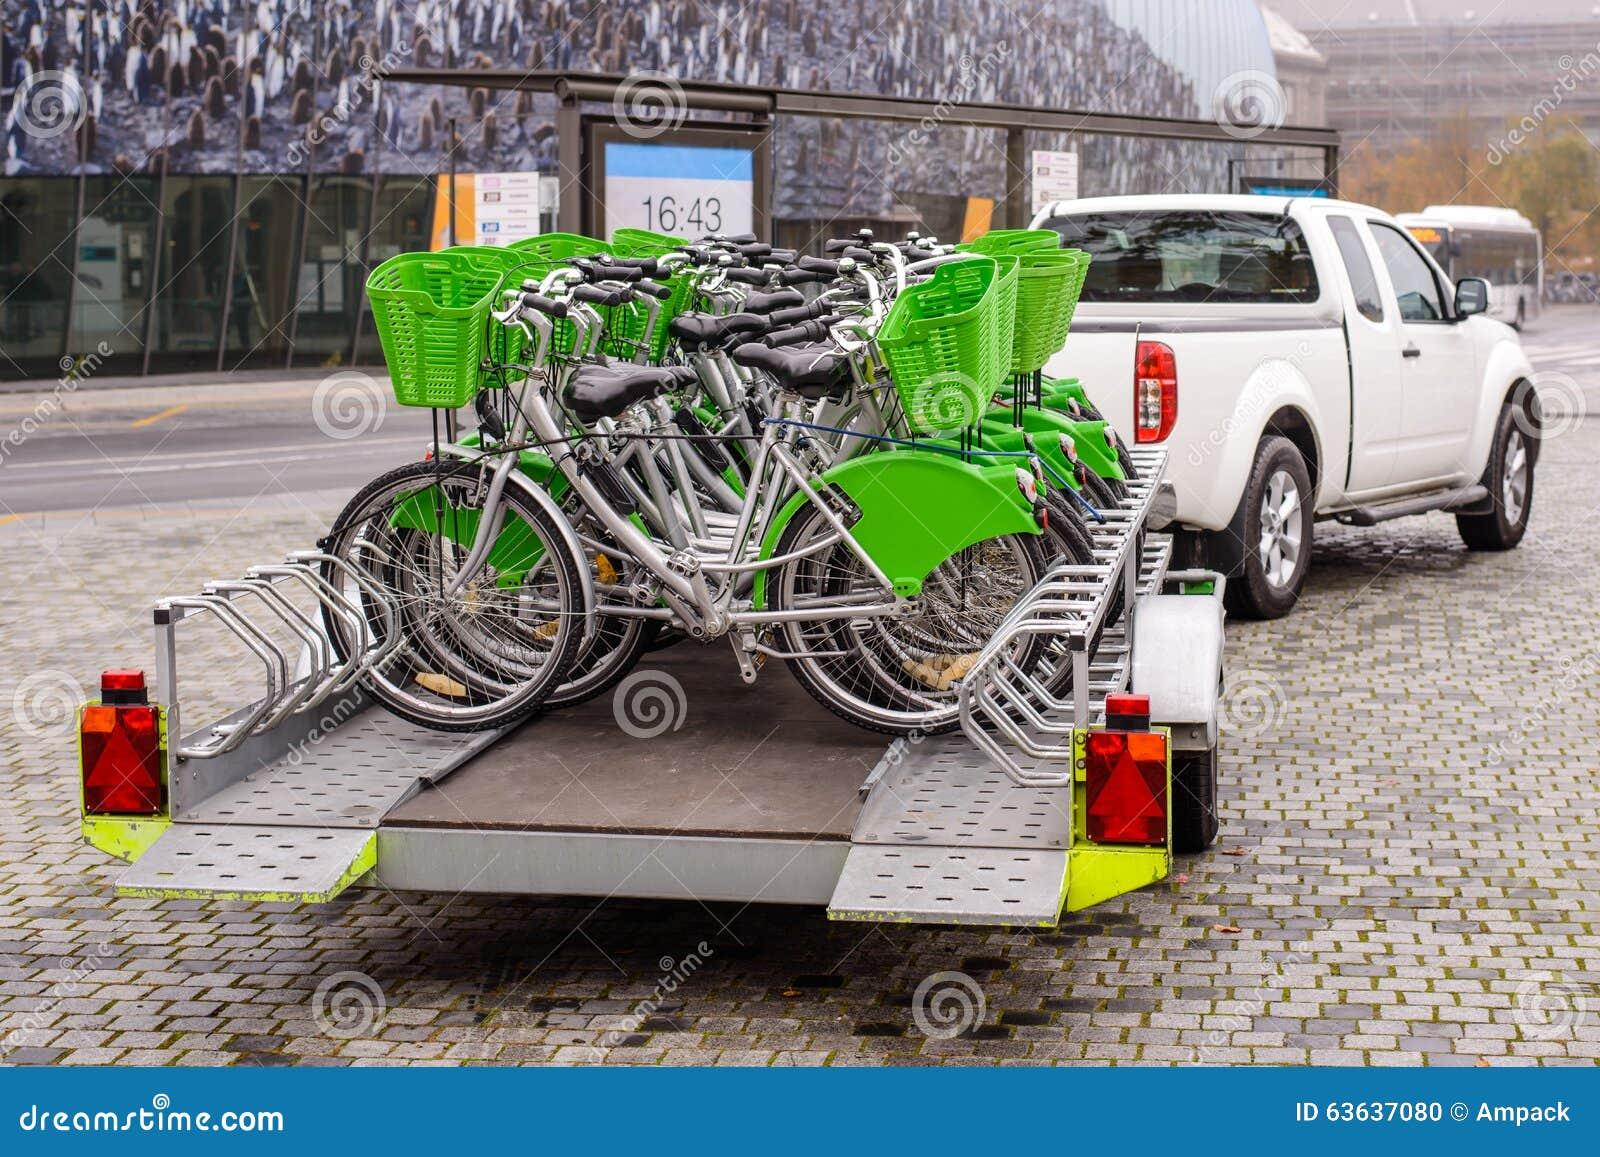 neue fahrr der die auf einen anh nger transportiert. Black Bedroom Furniture Sets. Home Design Ideas